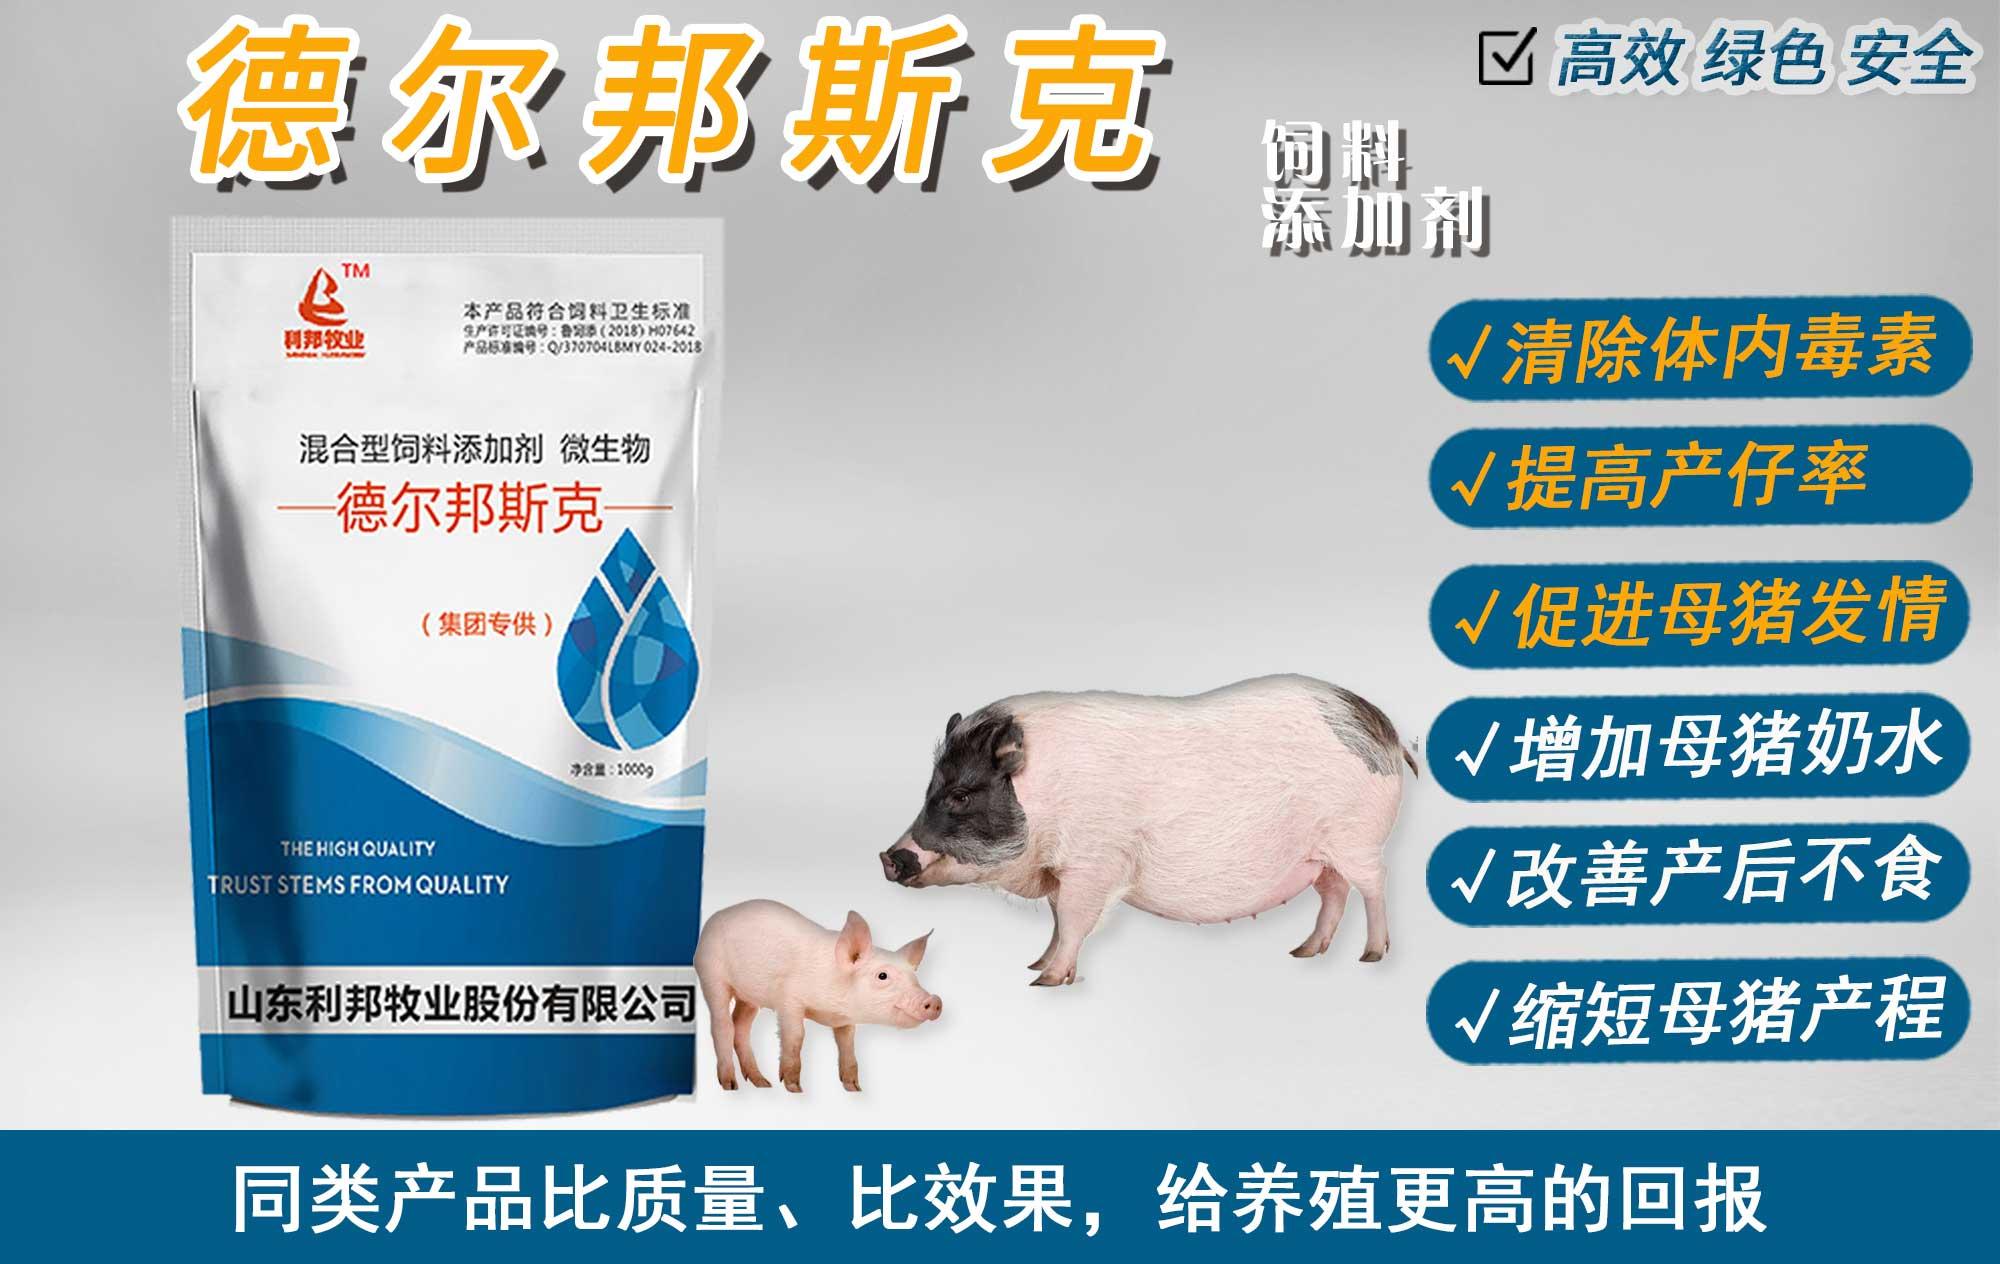 德尔邦斯克-母猪FCP繁殖保健方案讲解视频